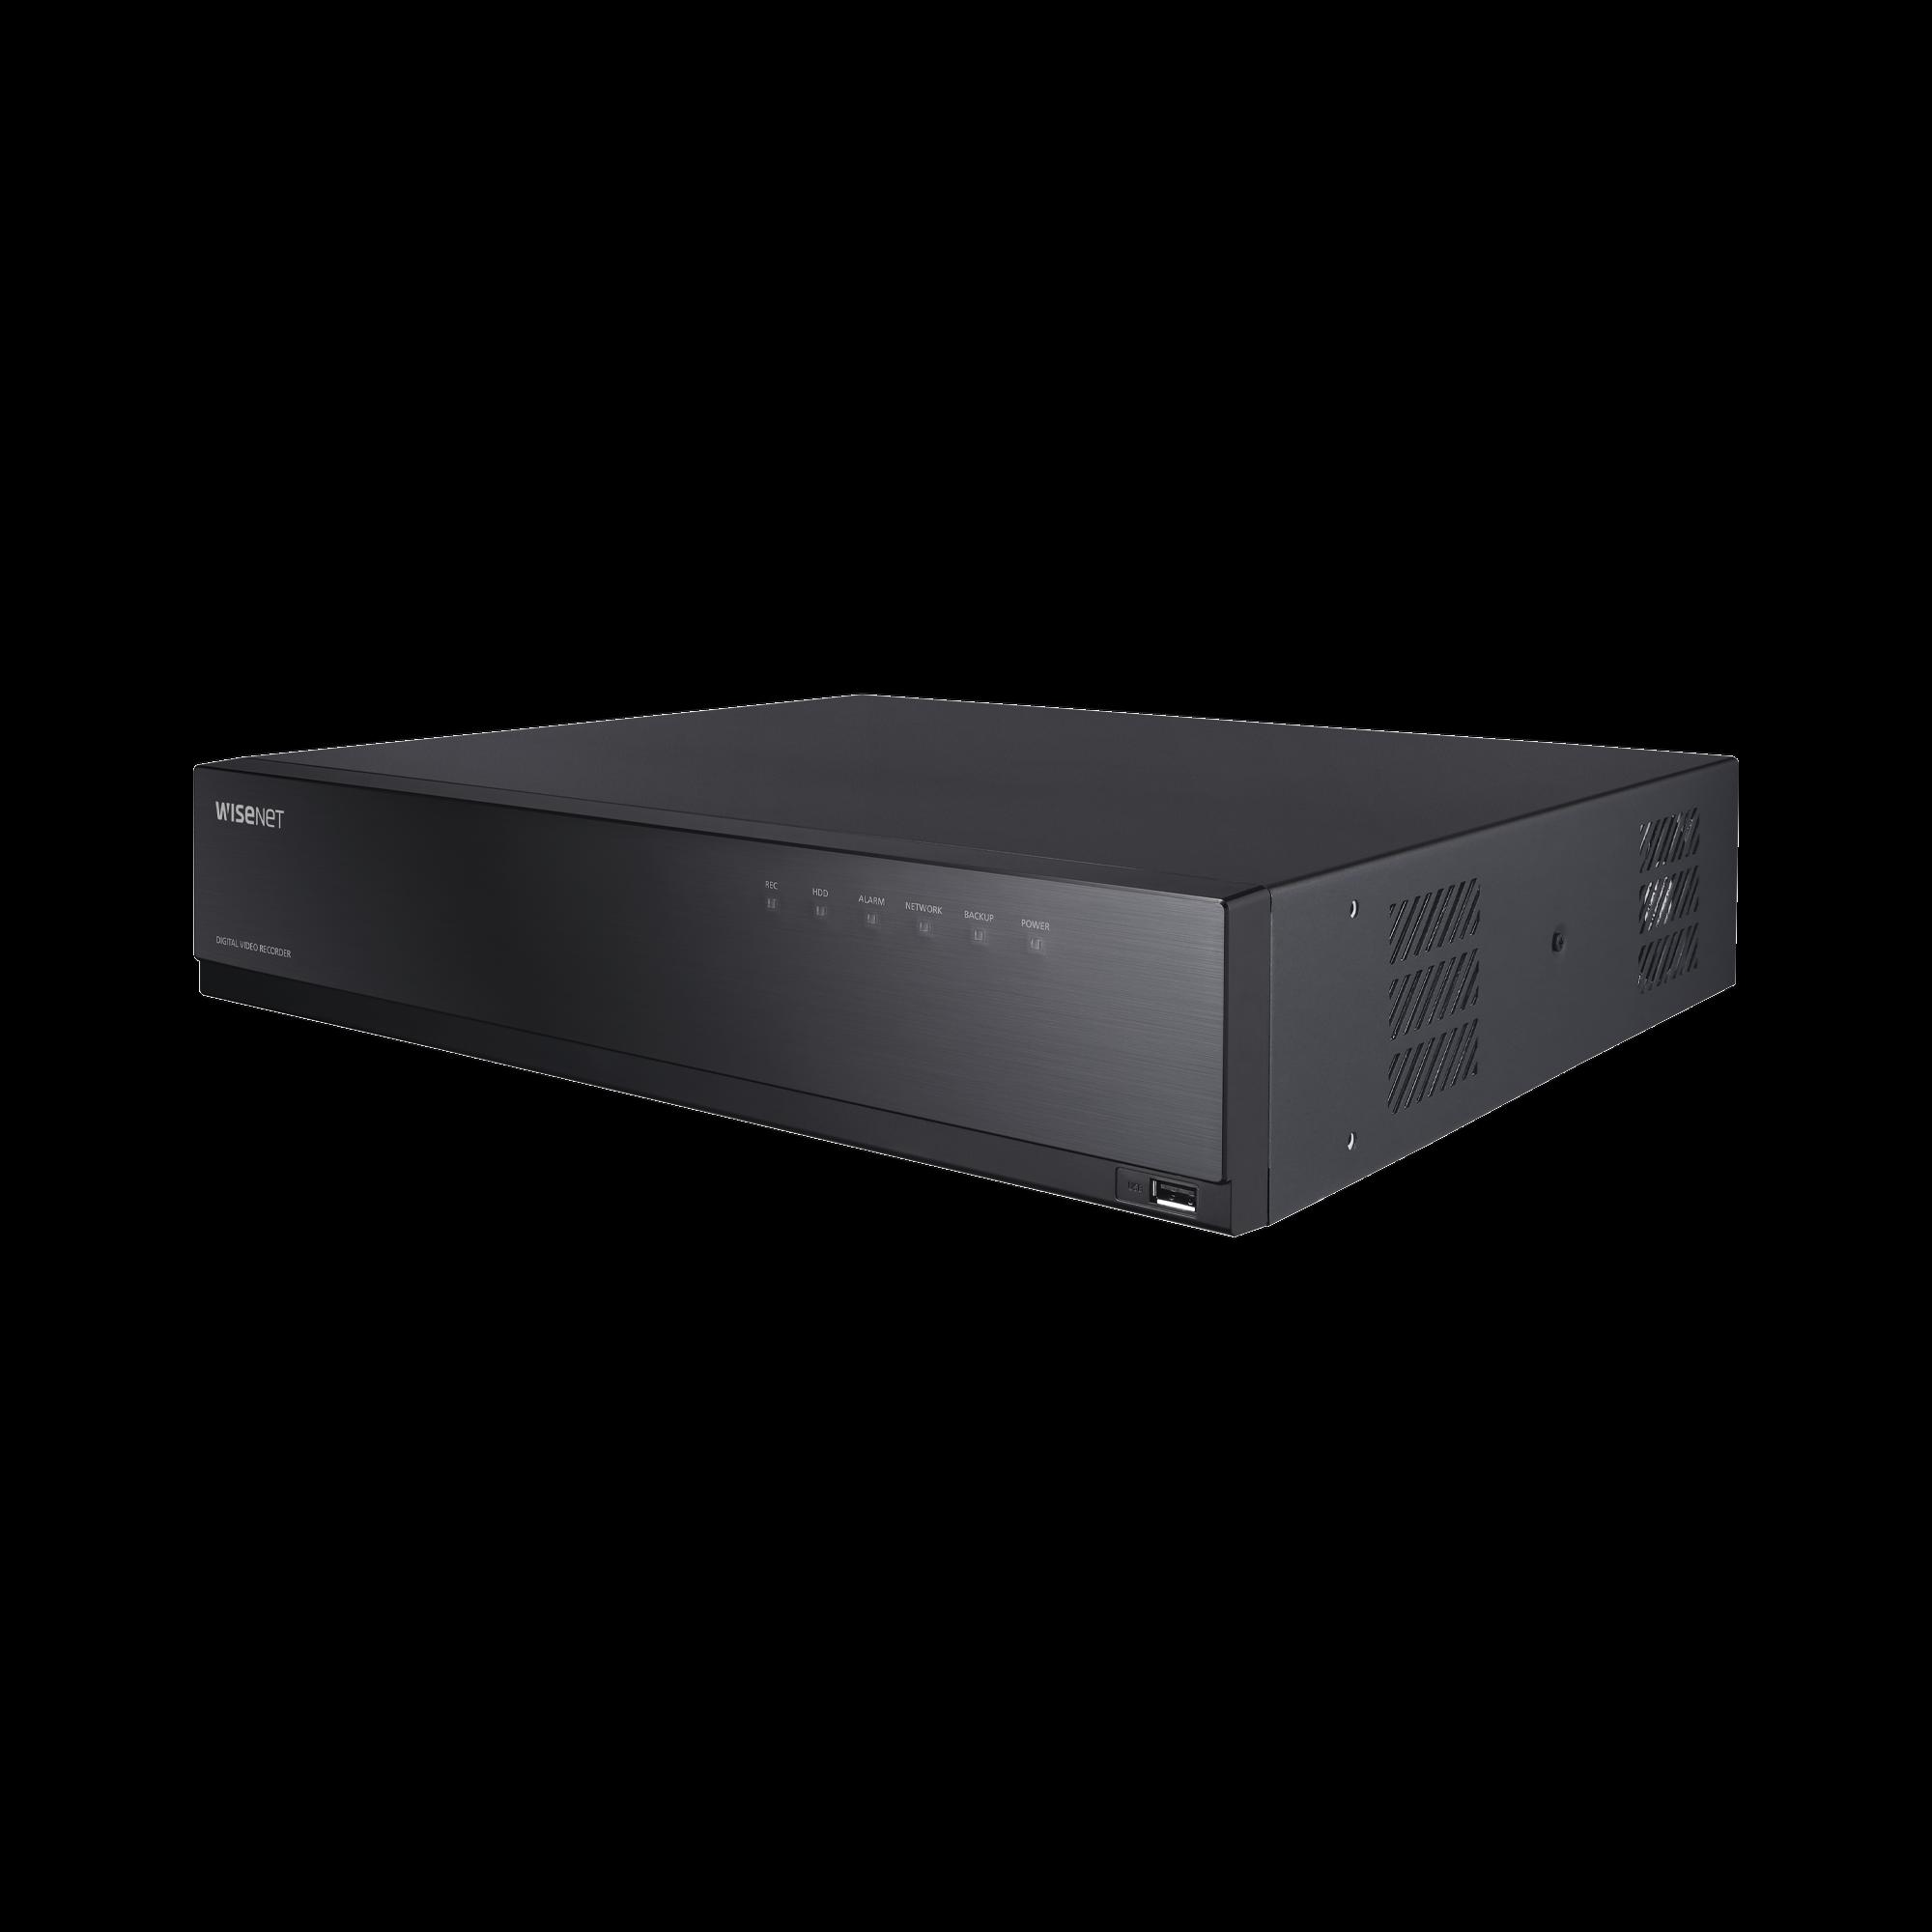 DVR 8 Canales Analógicos + 2 IP / hasta 8 MP / Soporta 4 Tecnologías (AHD, TVI, CVI, CVBS) / Hasta 4HDDs / Entradas y Salidas de Audio y Alarma